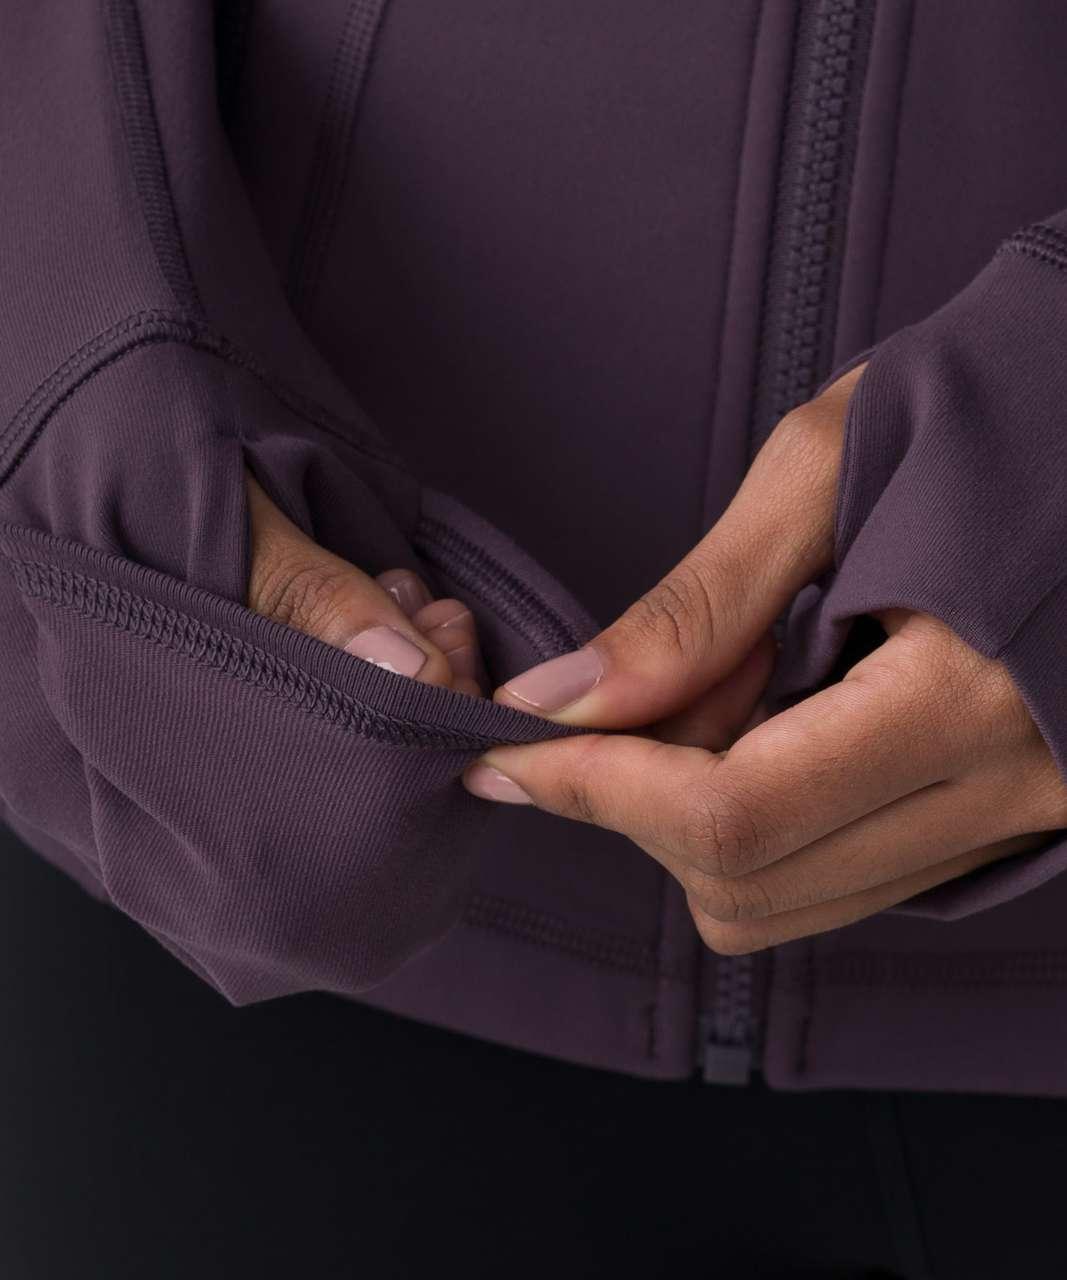 Lululemon Define Jacket - Black Currant (First Release)